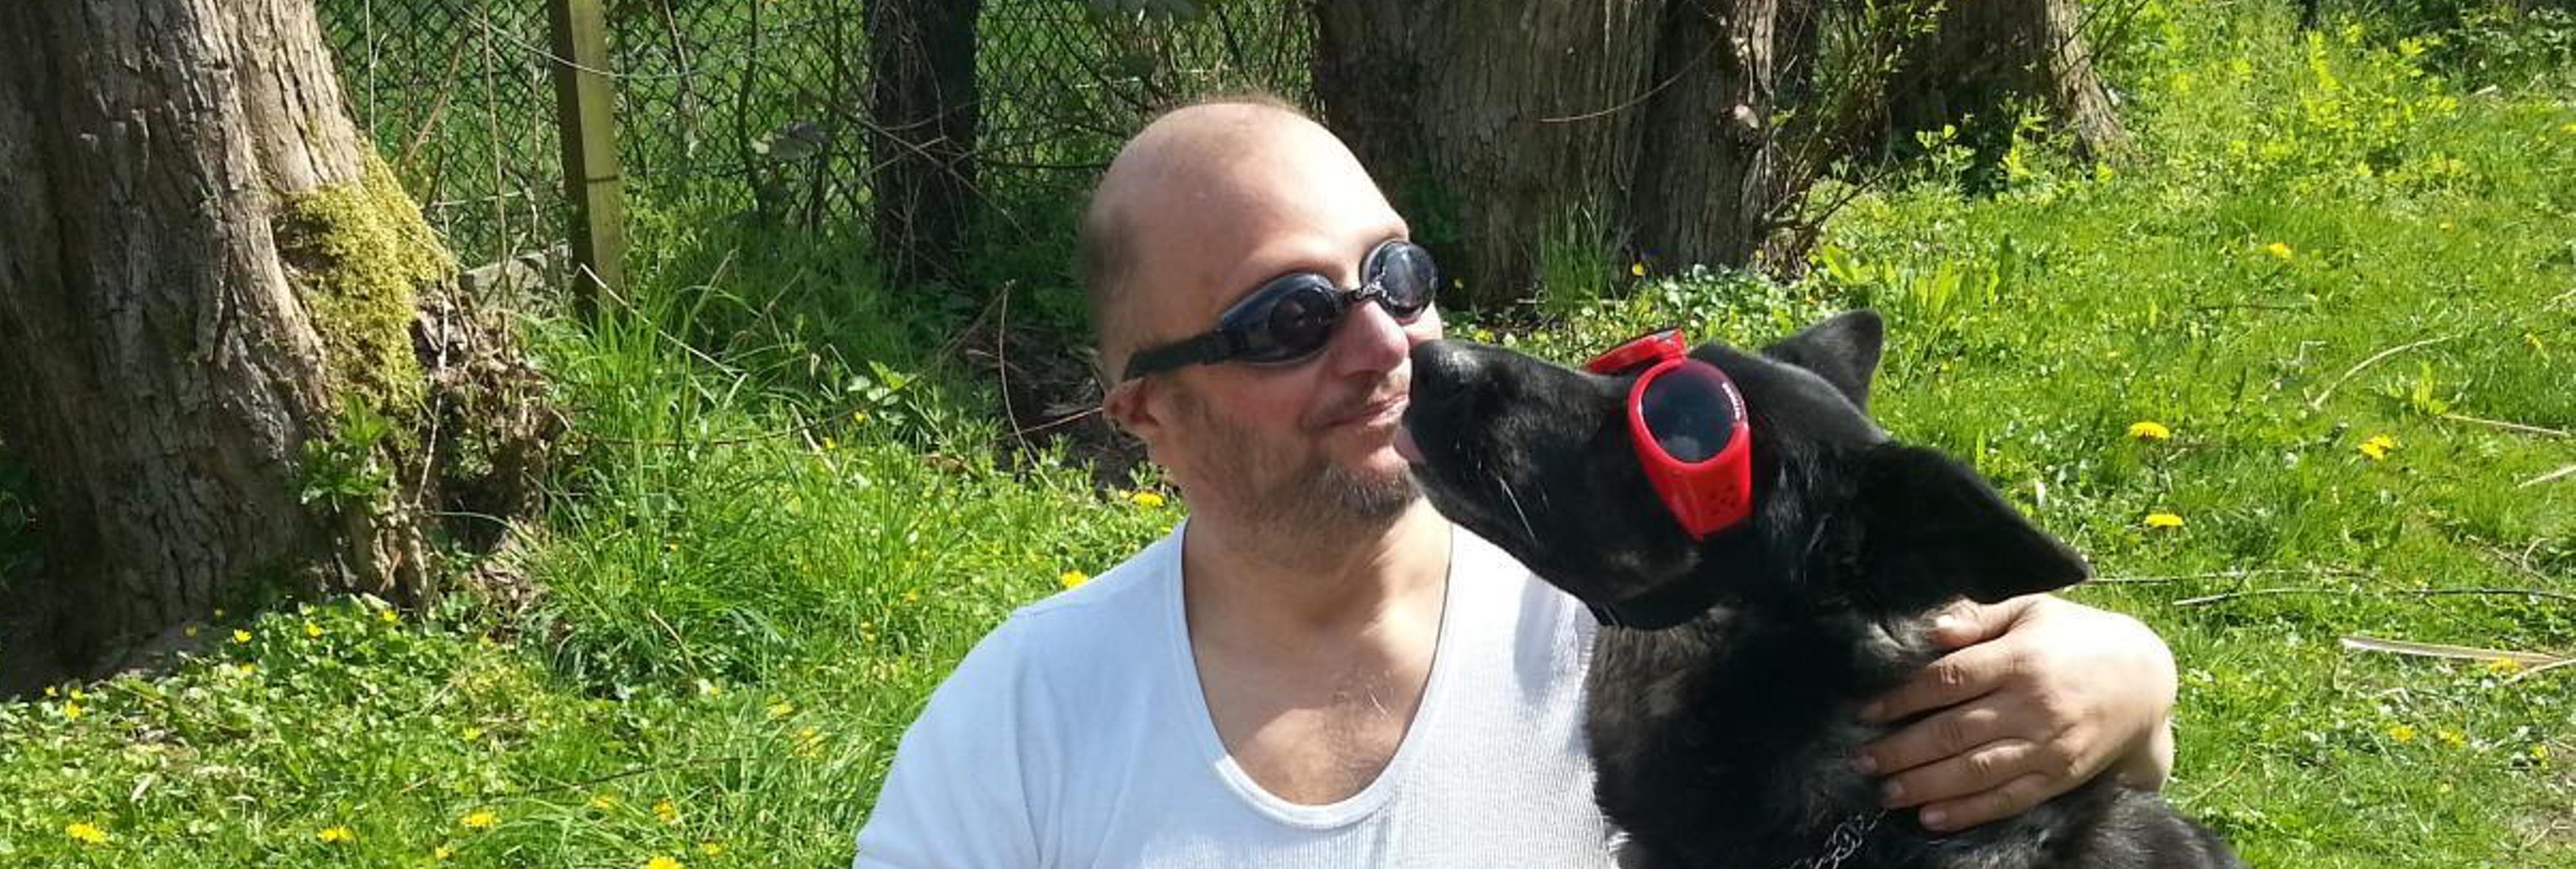 """El zoófilo más famoso de Europa: """"Me ofrecí a mi perro y practicamos sexo anal"""""""